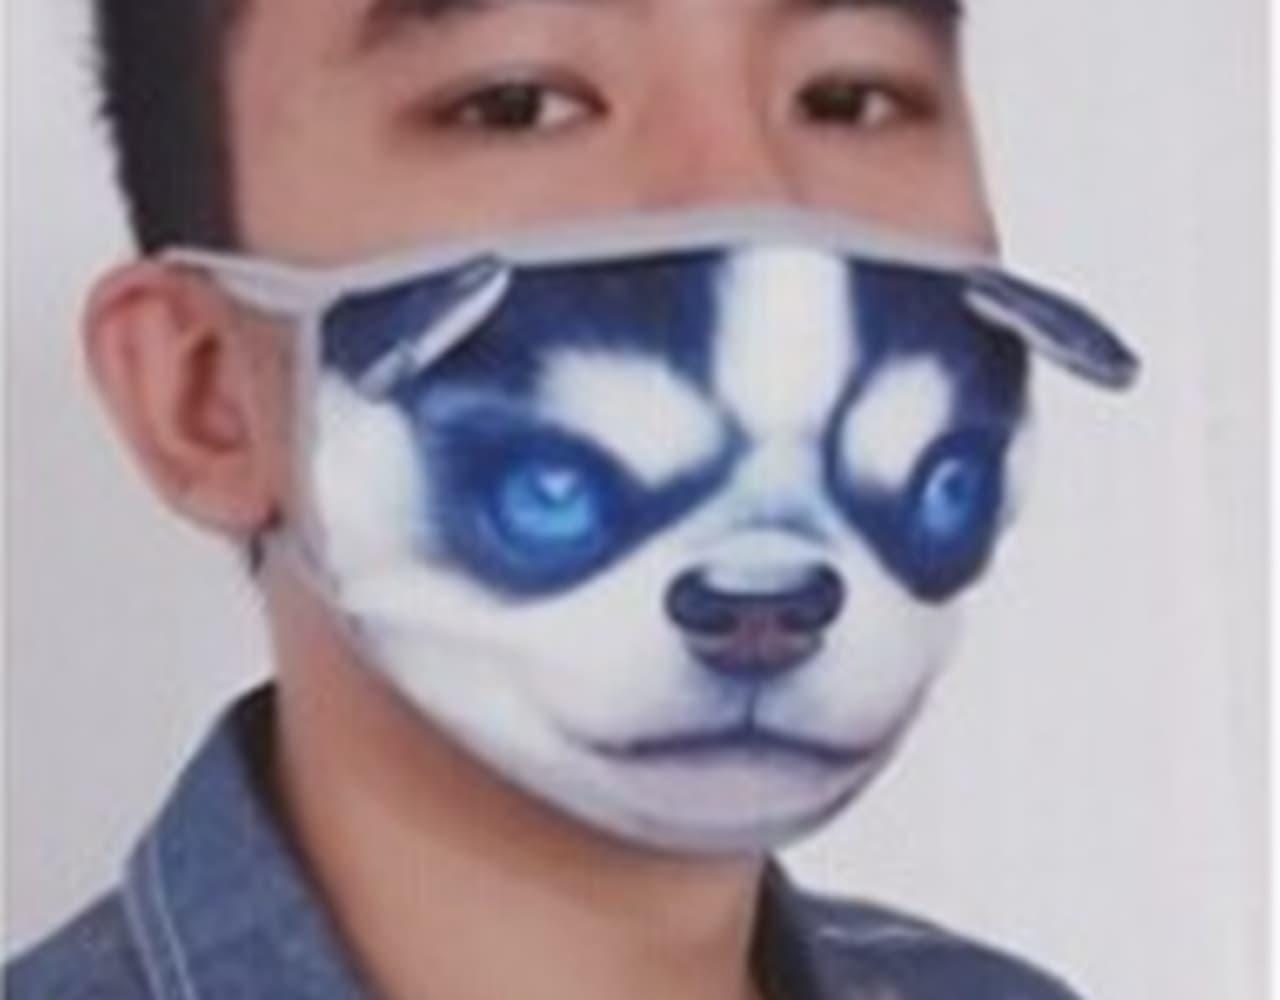 アニマル柄のマスク「可愛い 動物耳付きマスク」全18種